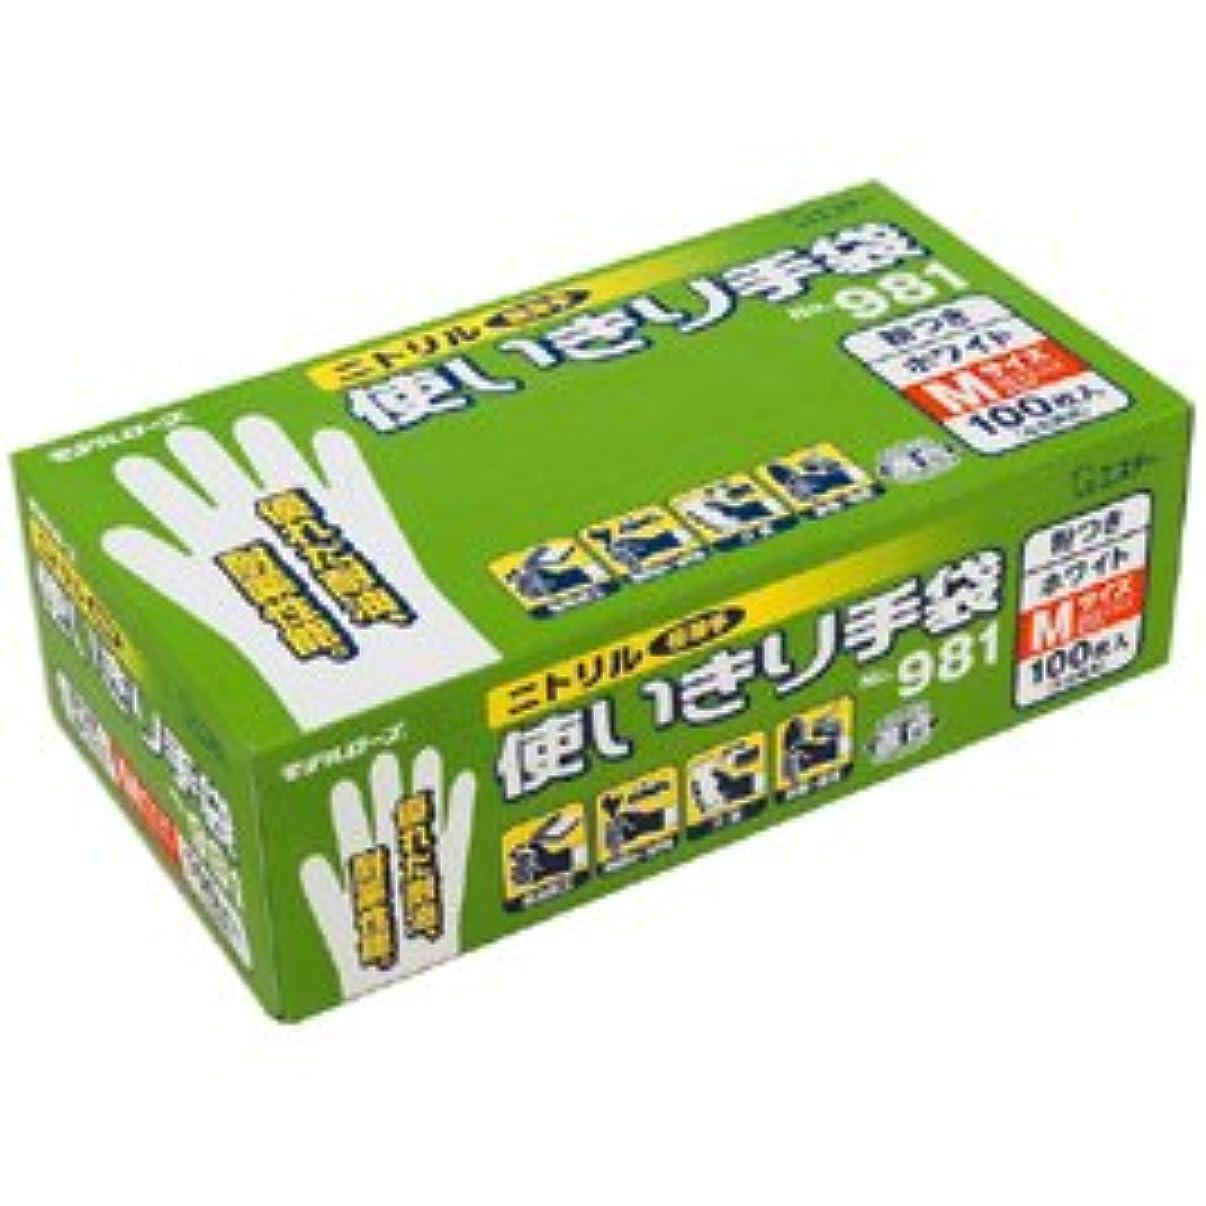 プロペラタンク怒りエステー化学 ニトリル使いきり手袋(100枚入)M